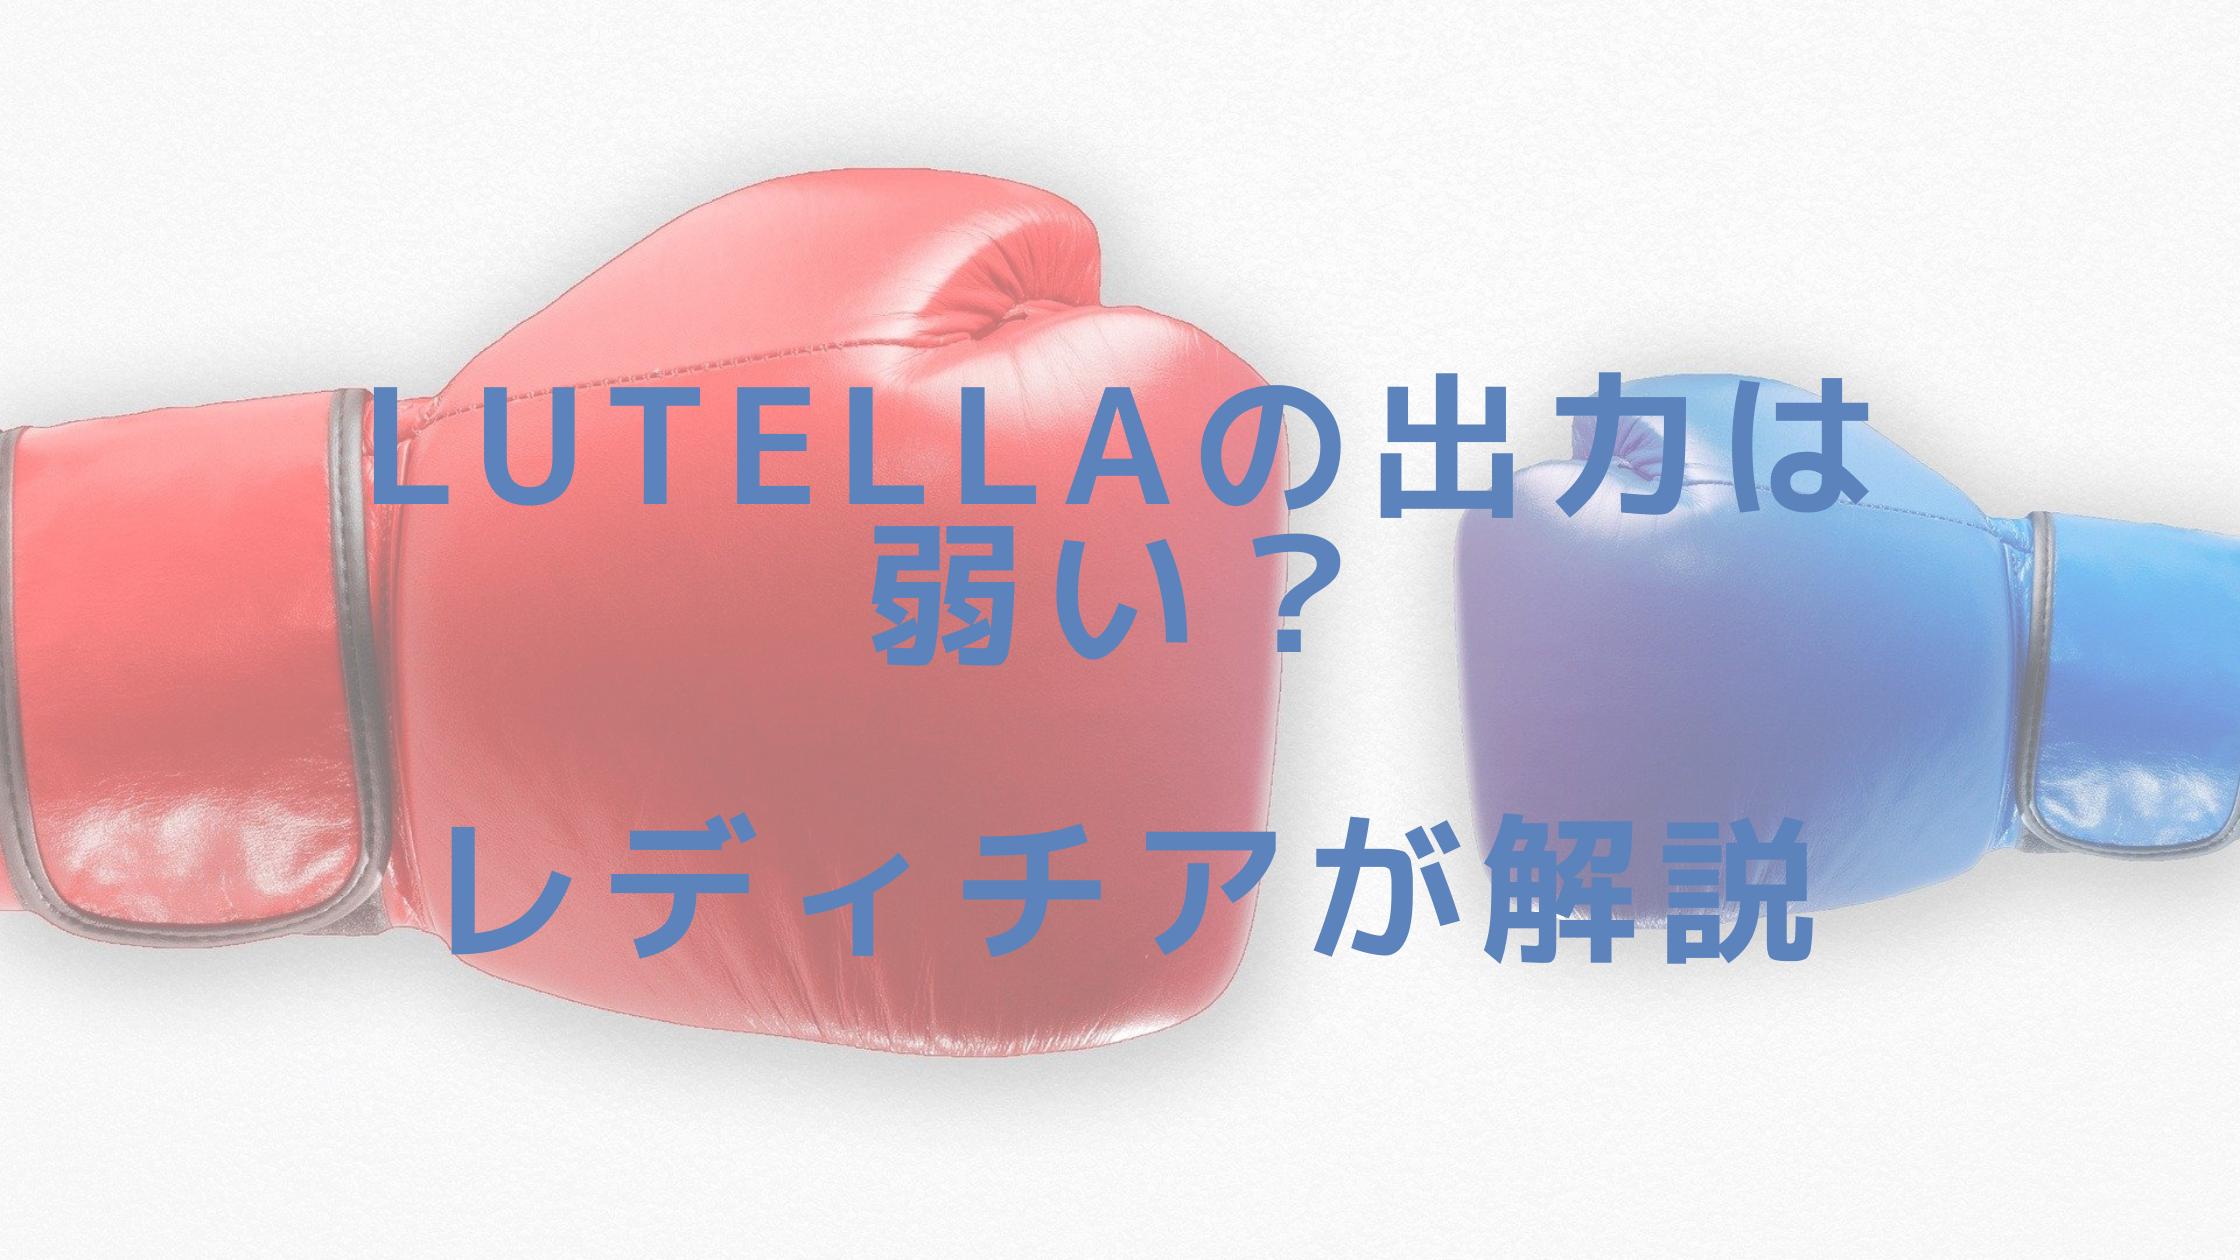 Lutellaの出力は弱い?レディチアが解説